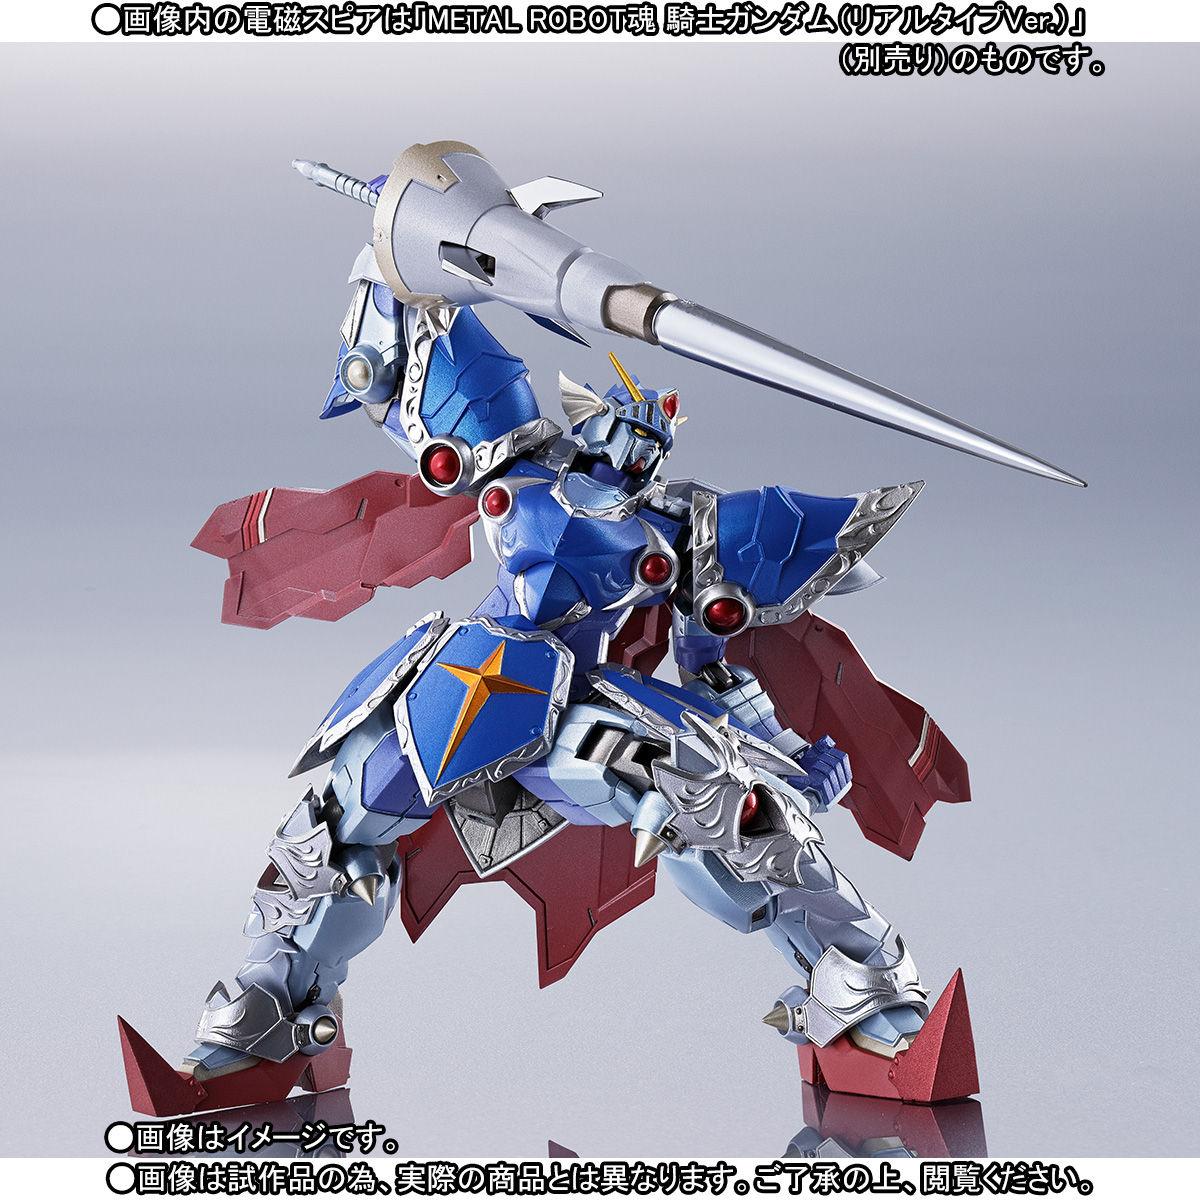 METAL ROBOT魂〈SIDE MS〉『フルアーマー騎士ガンダム(リアルタイプver.)|SDガンダム外伝』可動フィギュア-006